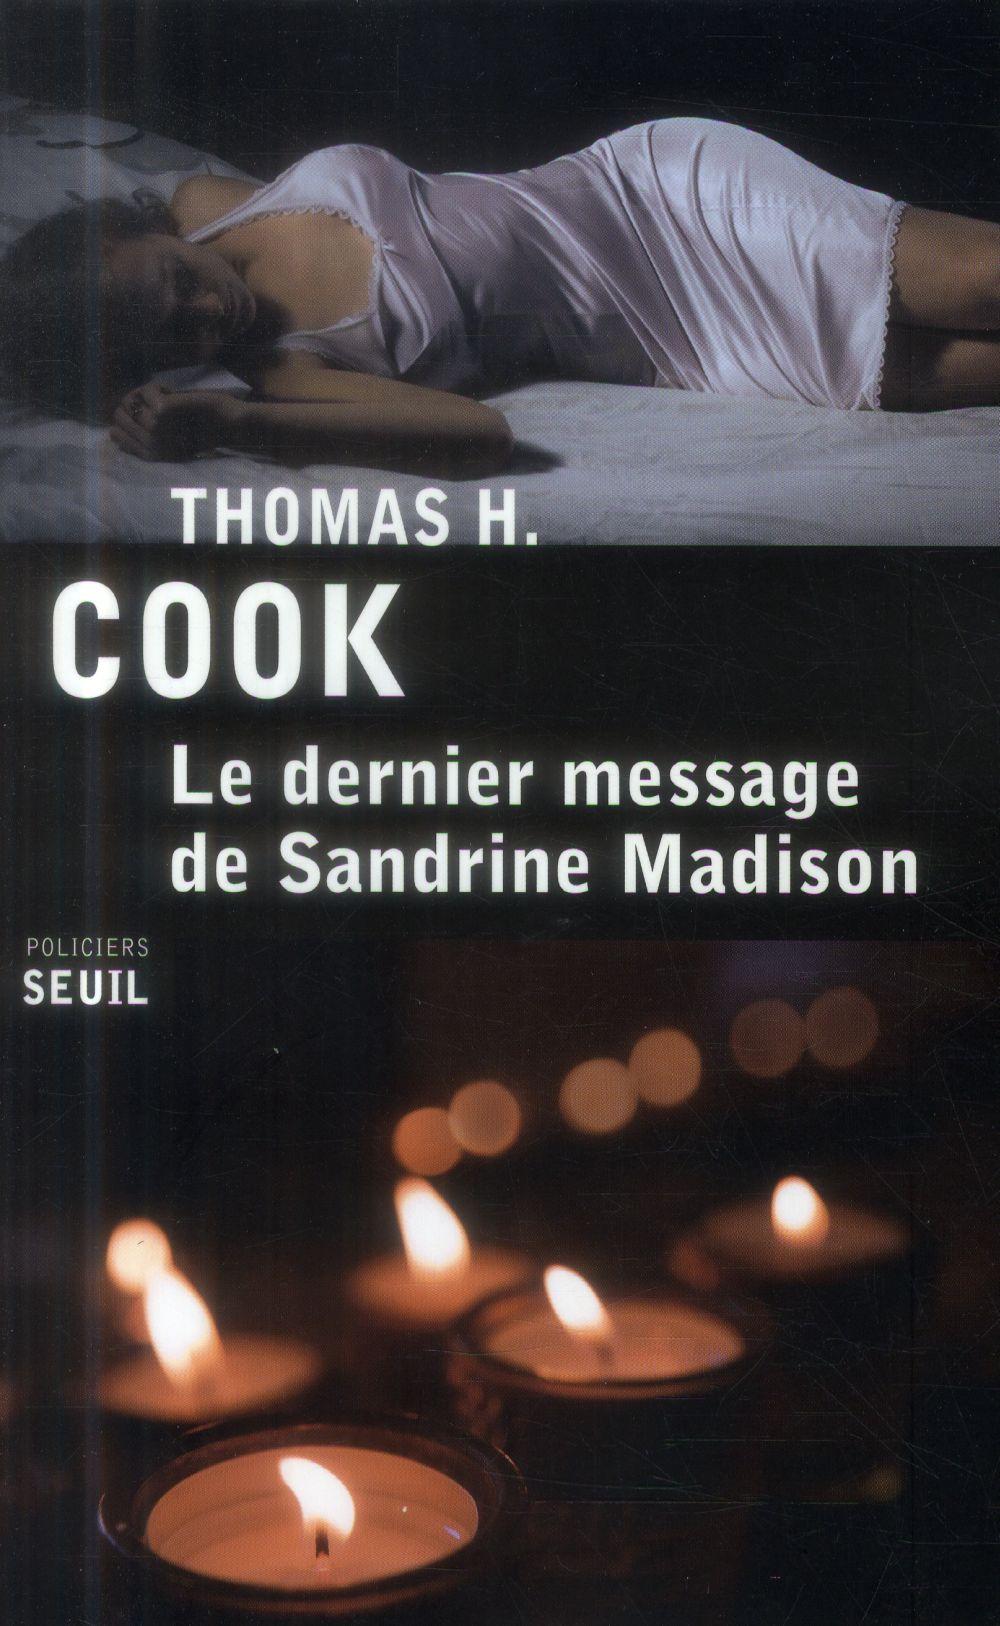 DERNIER MESSAGE DE SANDRINE MADISON (LE)